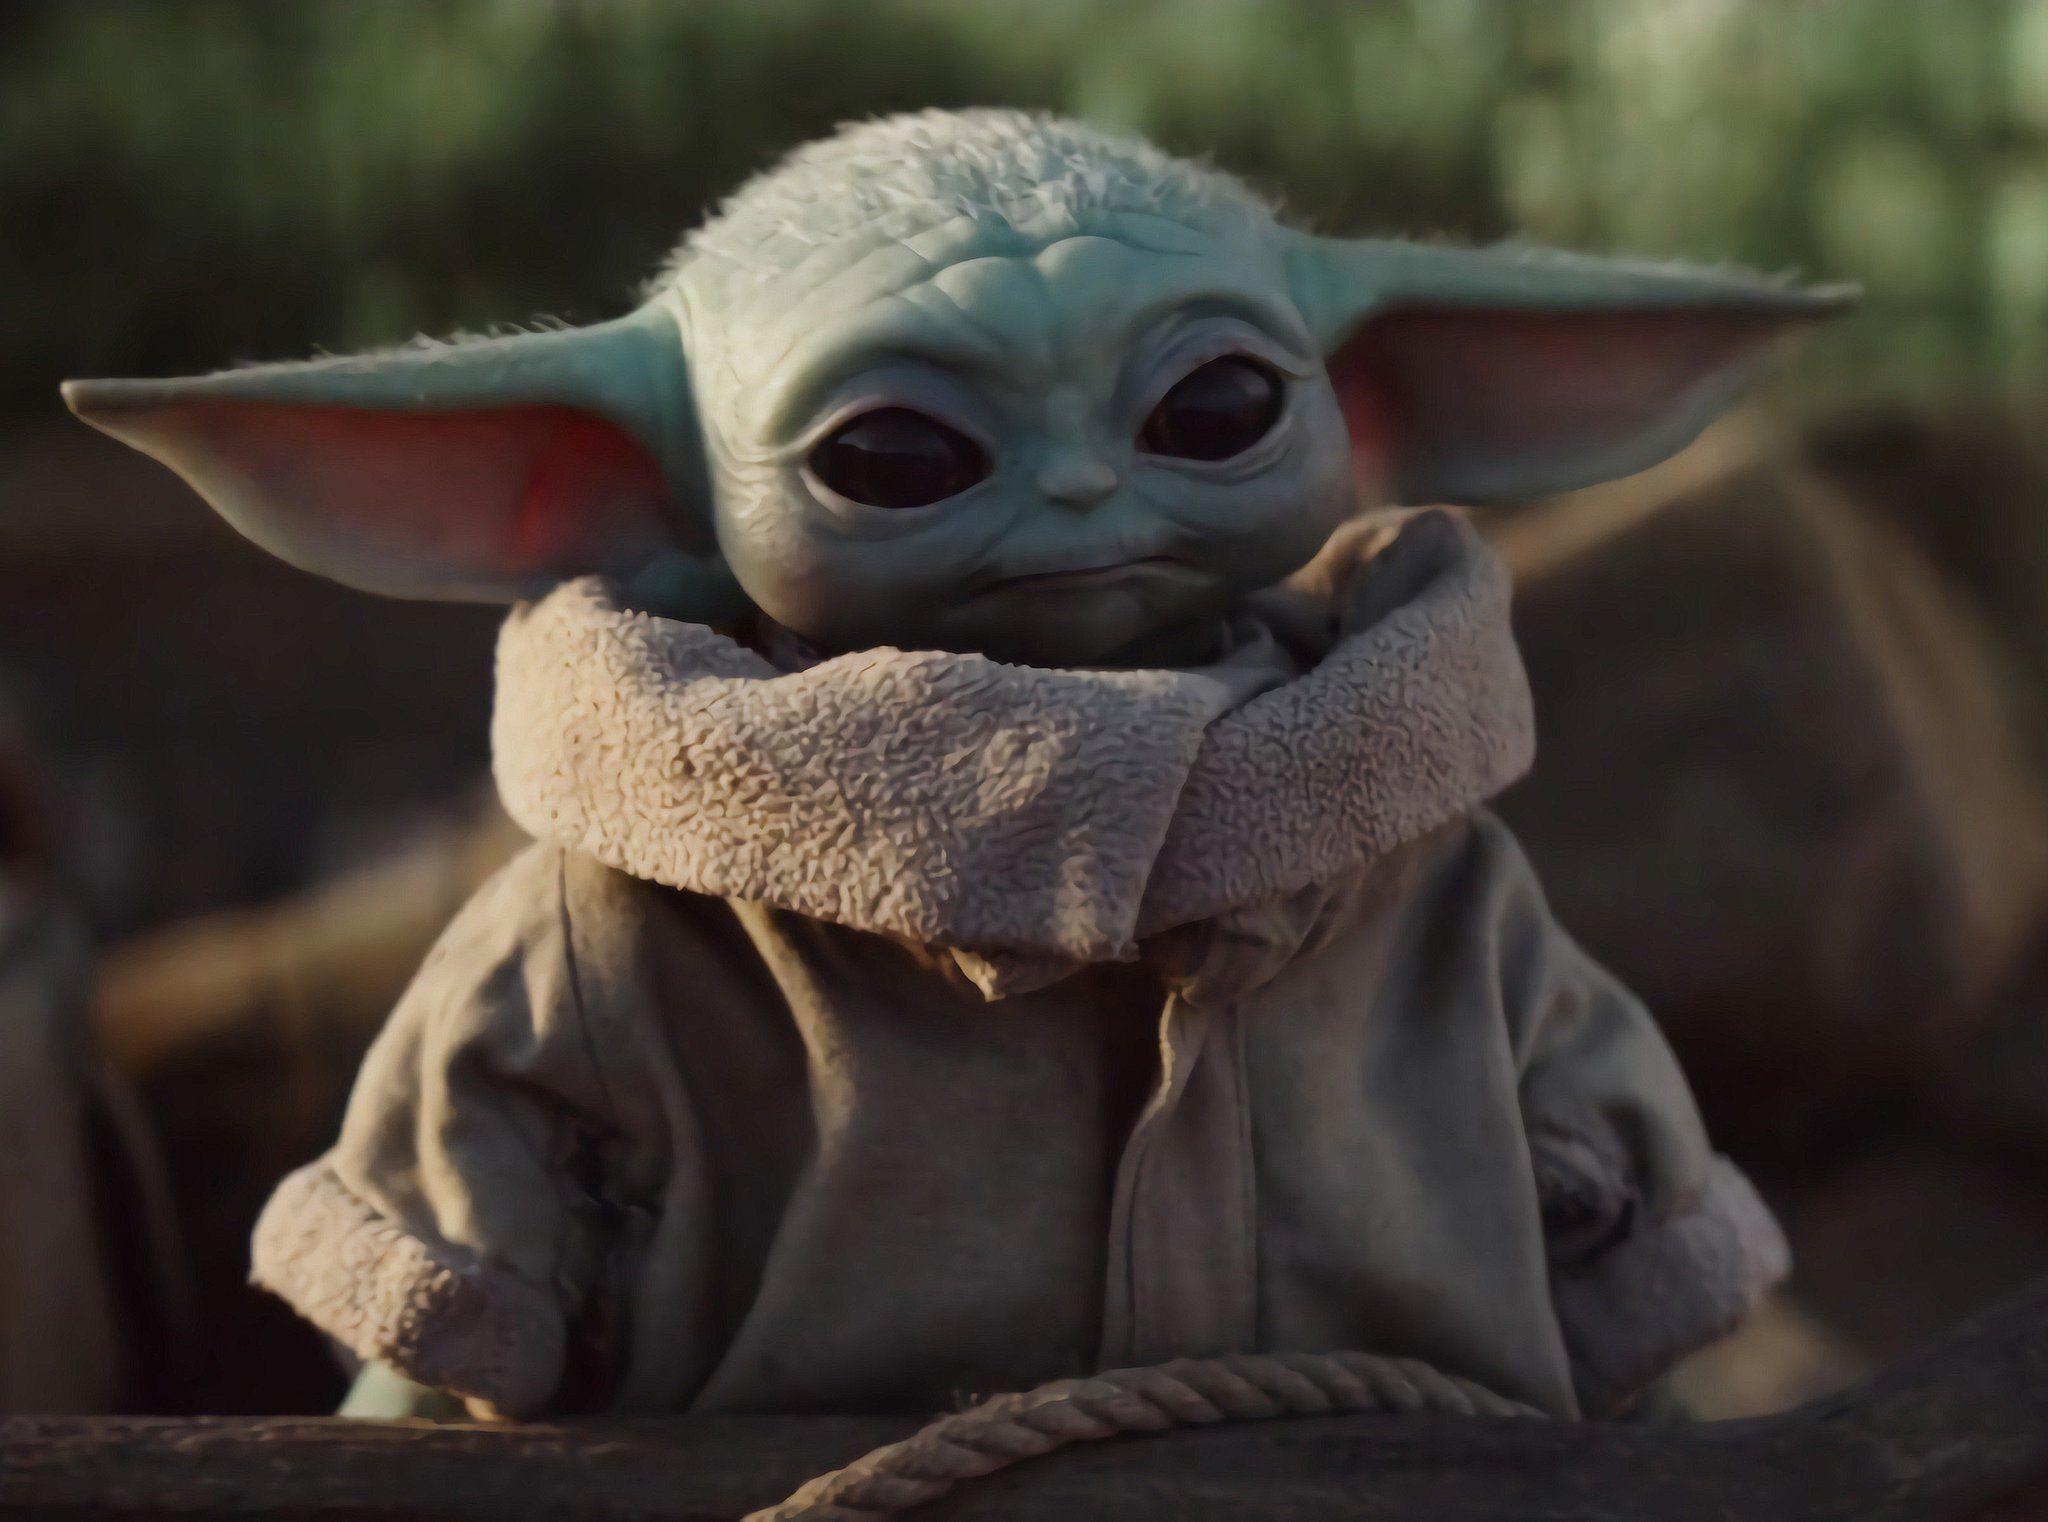 Pin von J auf J Yoda sprüche, Hintergrund iphone, Bilder